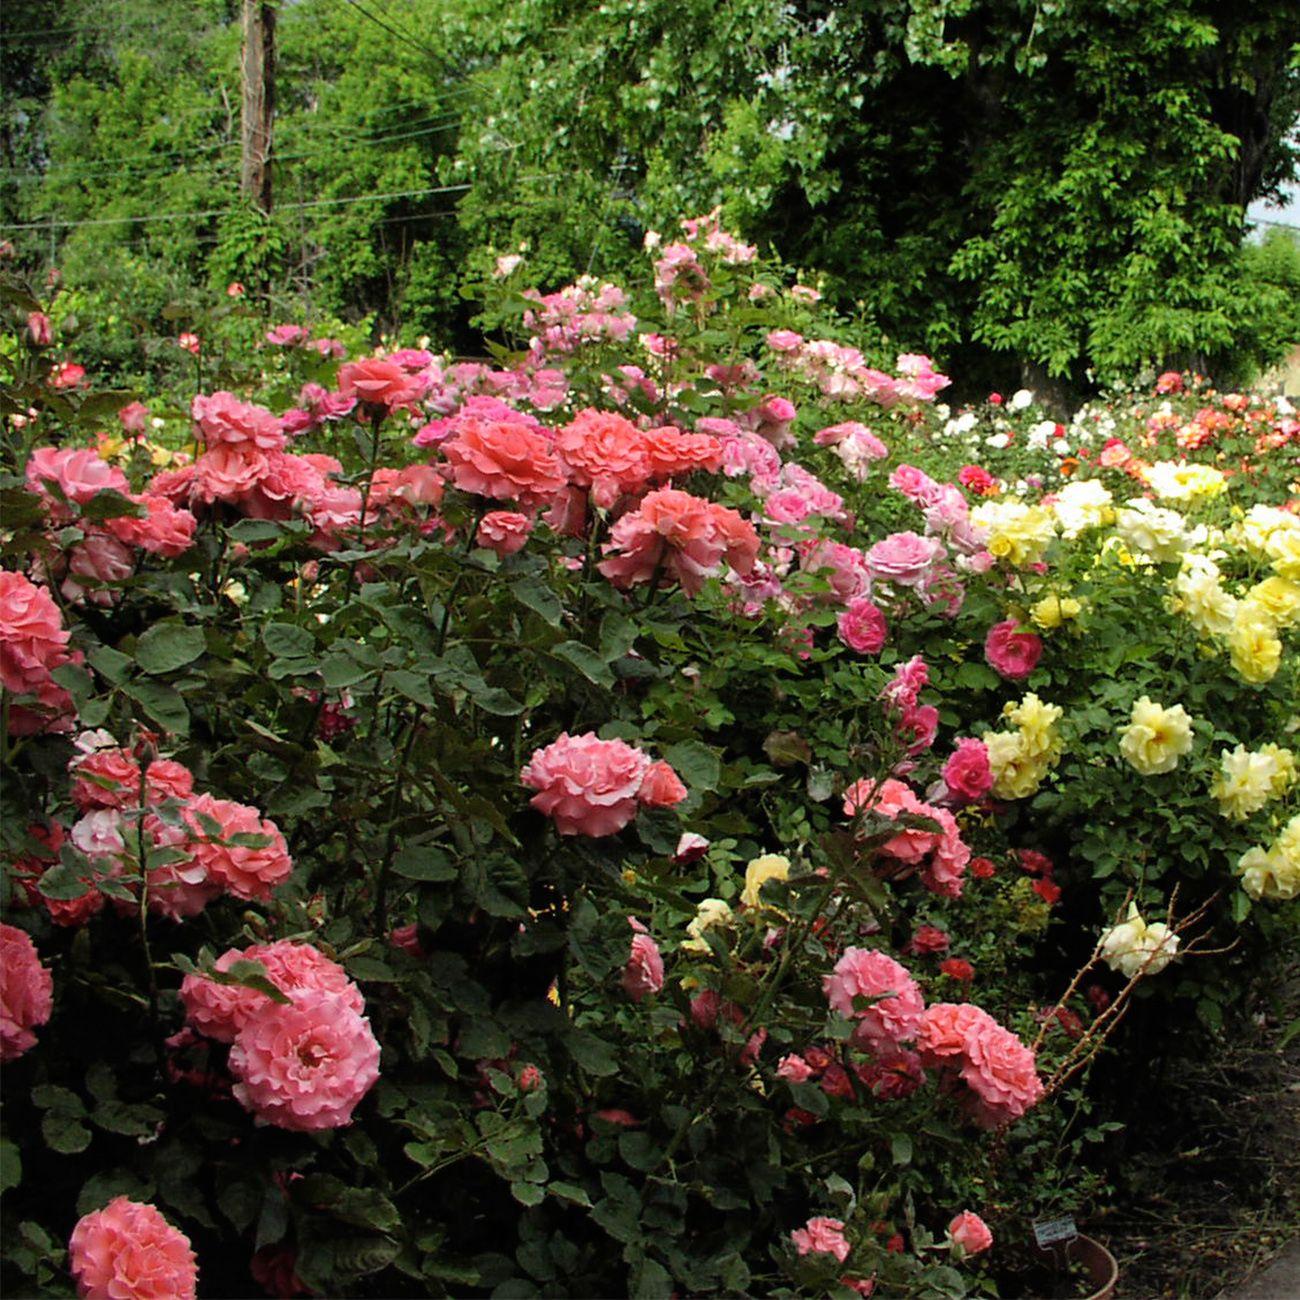 Piante Rampicanti Da Esterno acquista 50 semi perenne rosa pianta rampicante polyantha rose albero  cespuglio semi giardino casa fai da te cortile vaso fiore profumato a 2,25  € dal